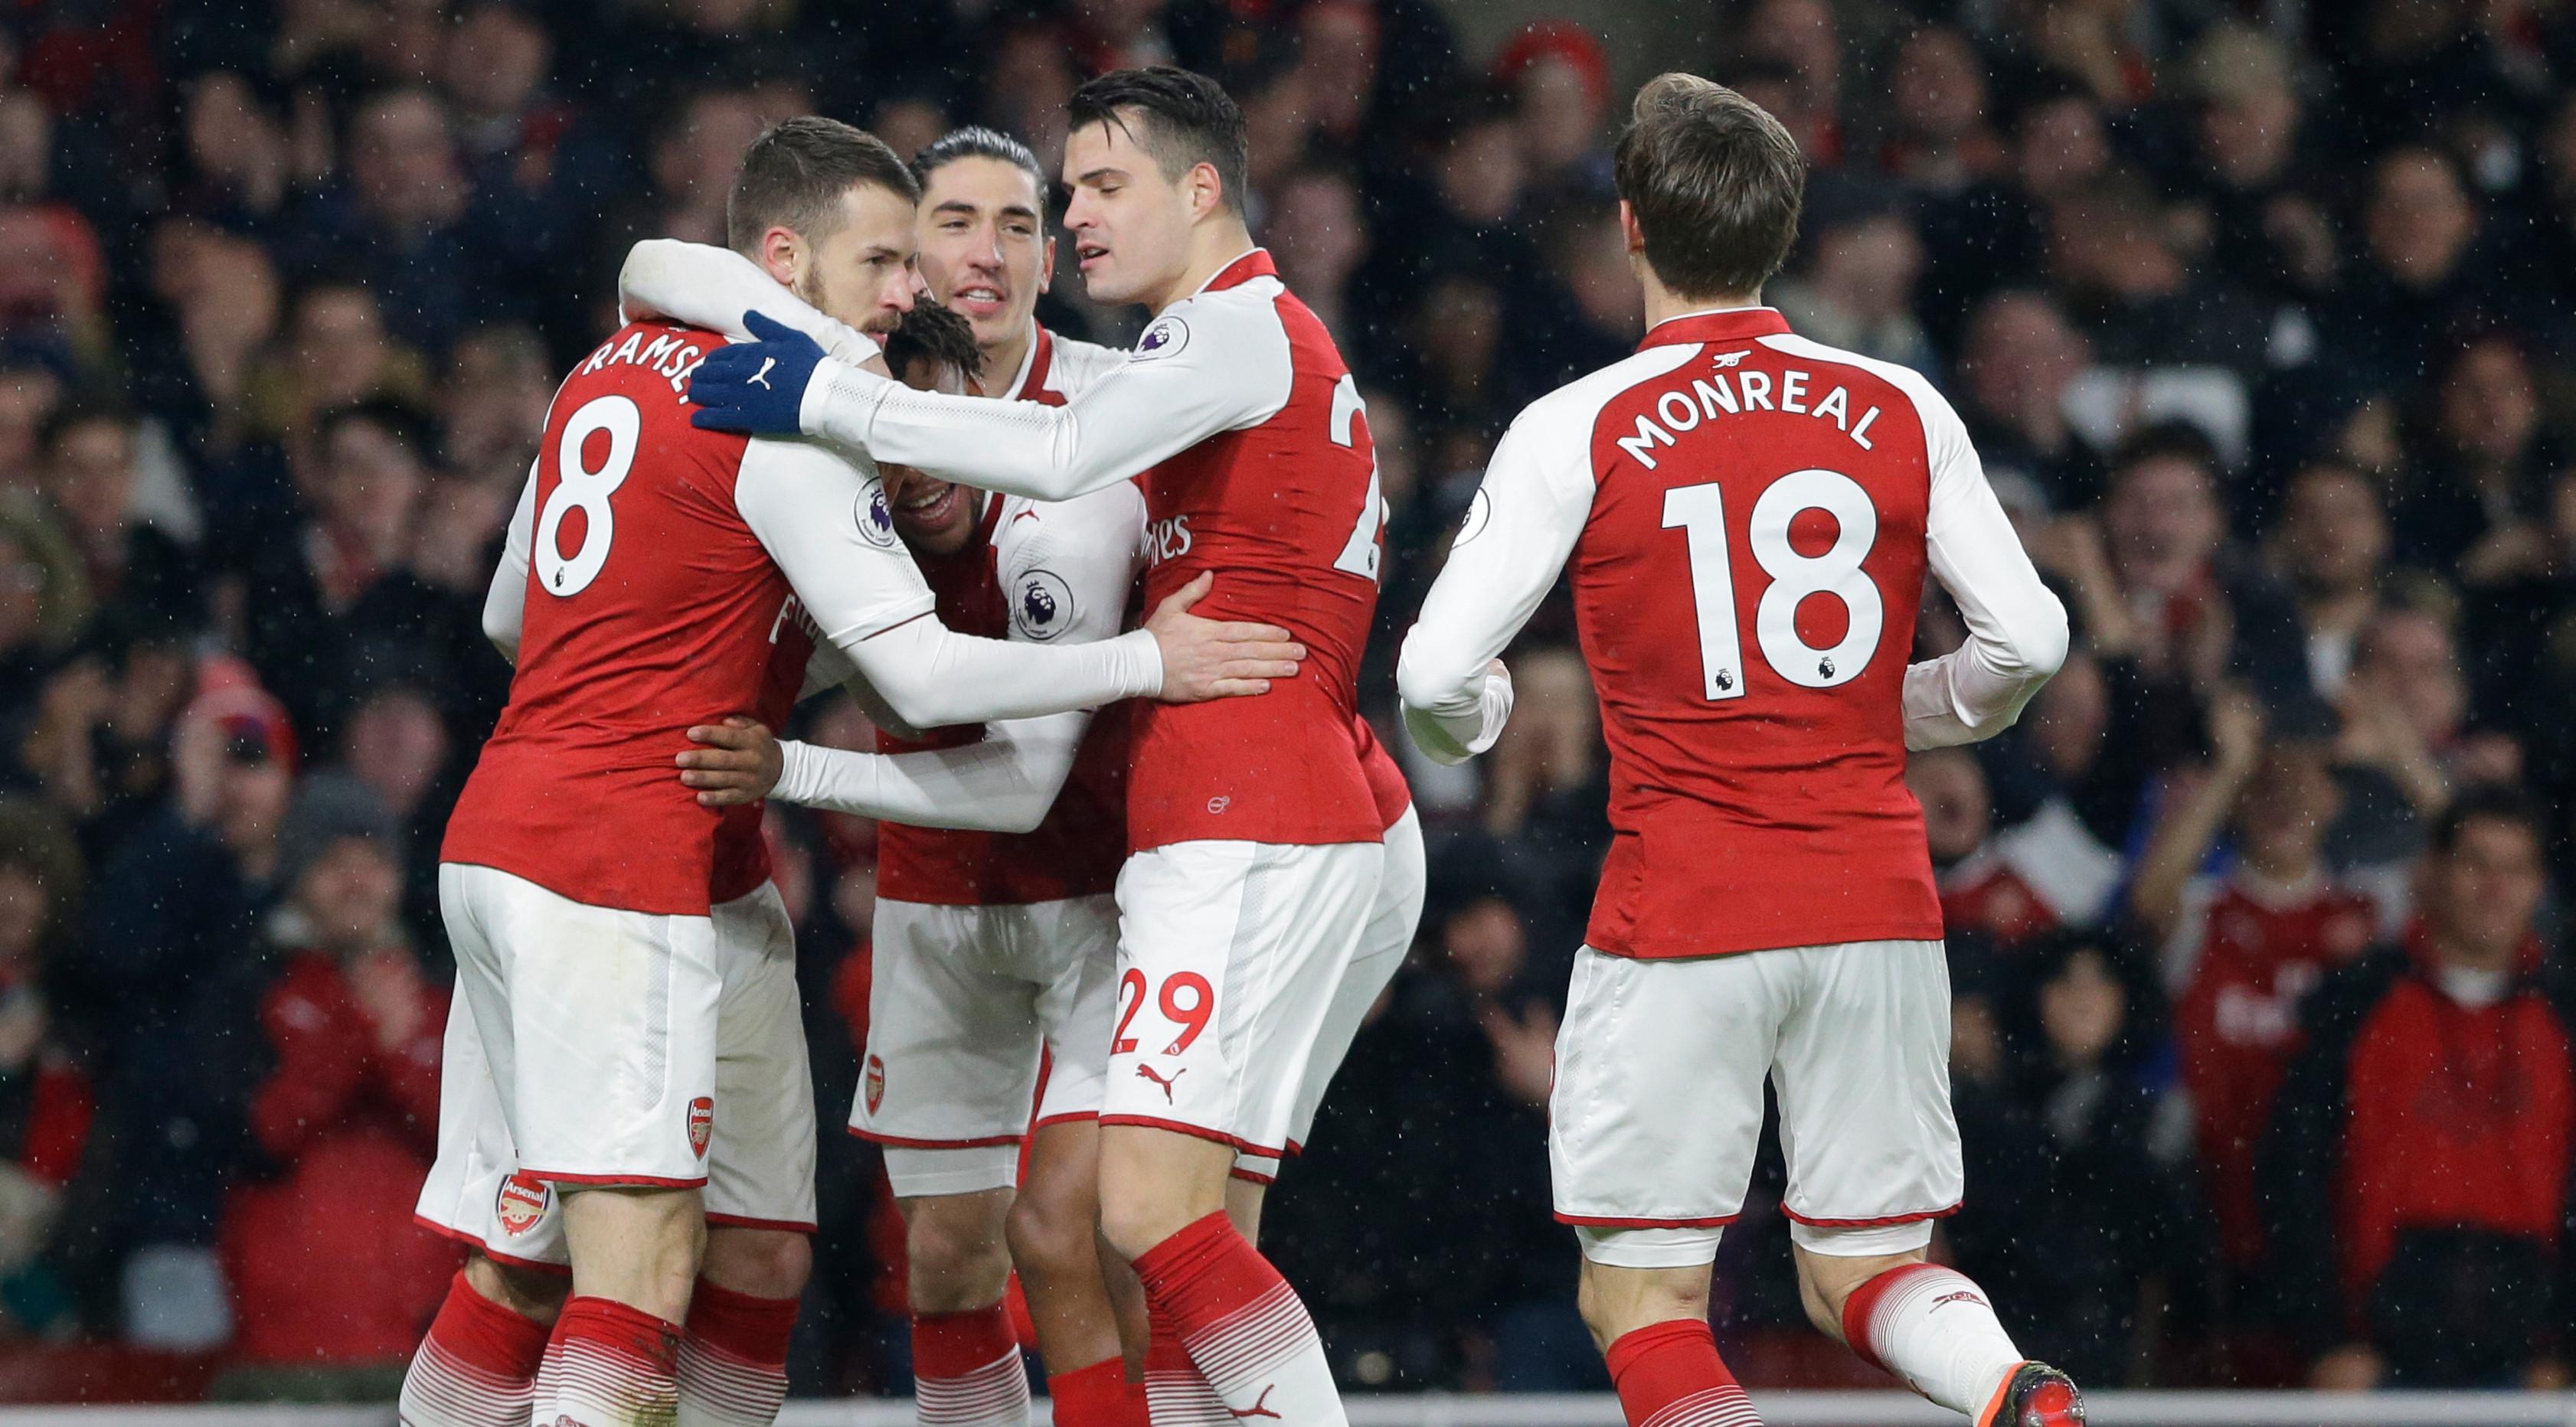 Arsenal akan menghadapi Tottenham Hotspur dalam Derby London Utara(AP Photo / Alastair Grant)